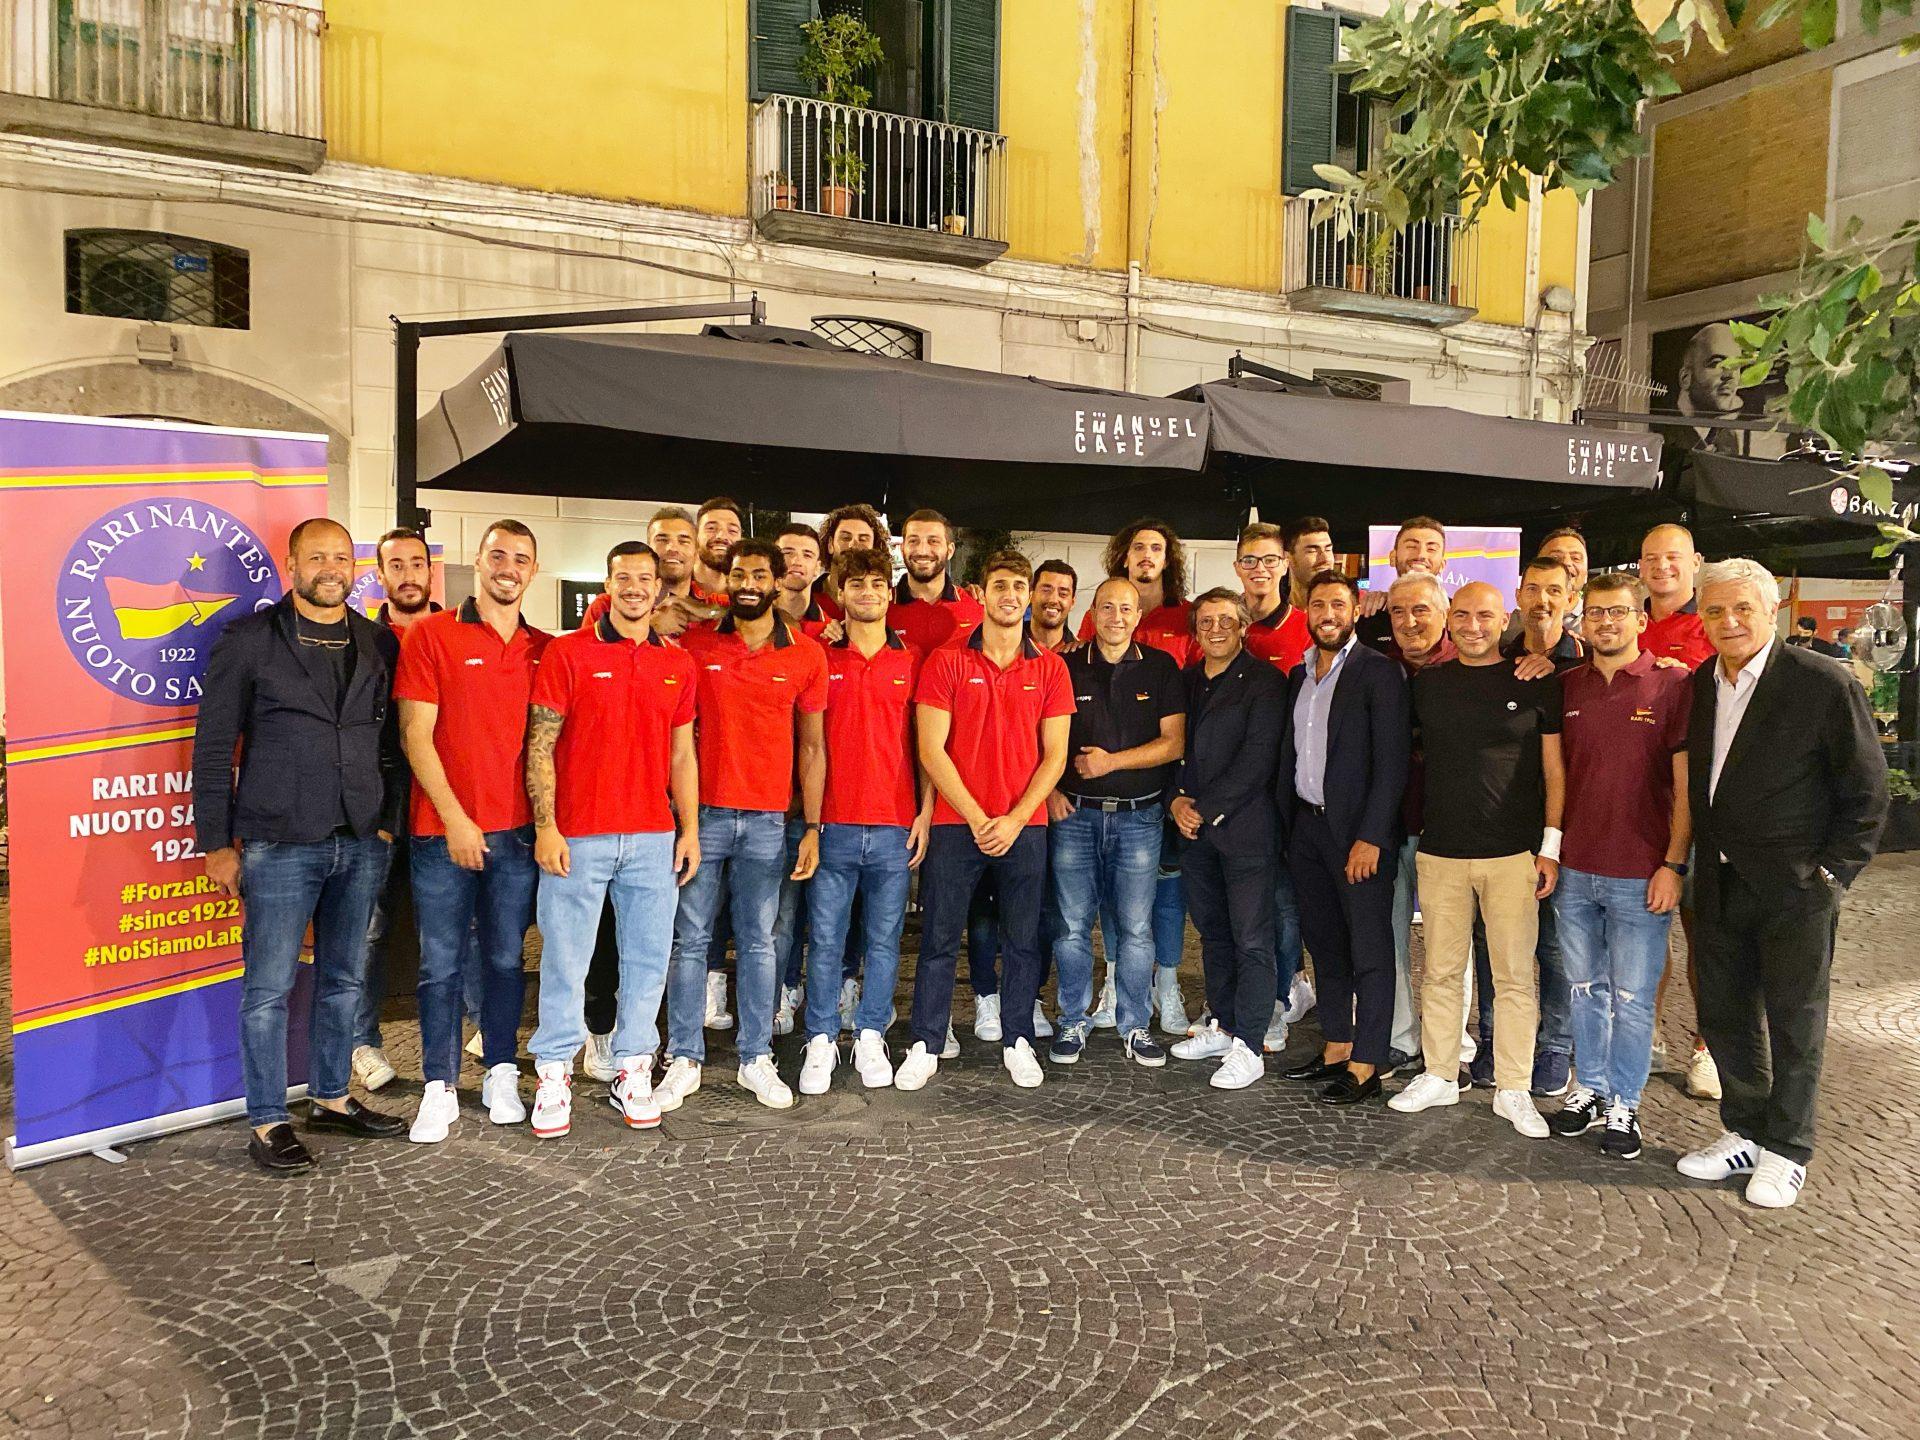 La Rari Nantes Nuoto Salerno brinda al nuovo campionato di Serie A1 maschile